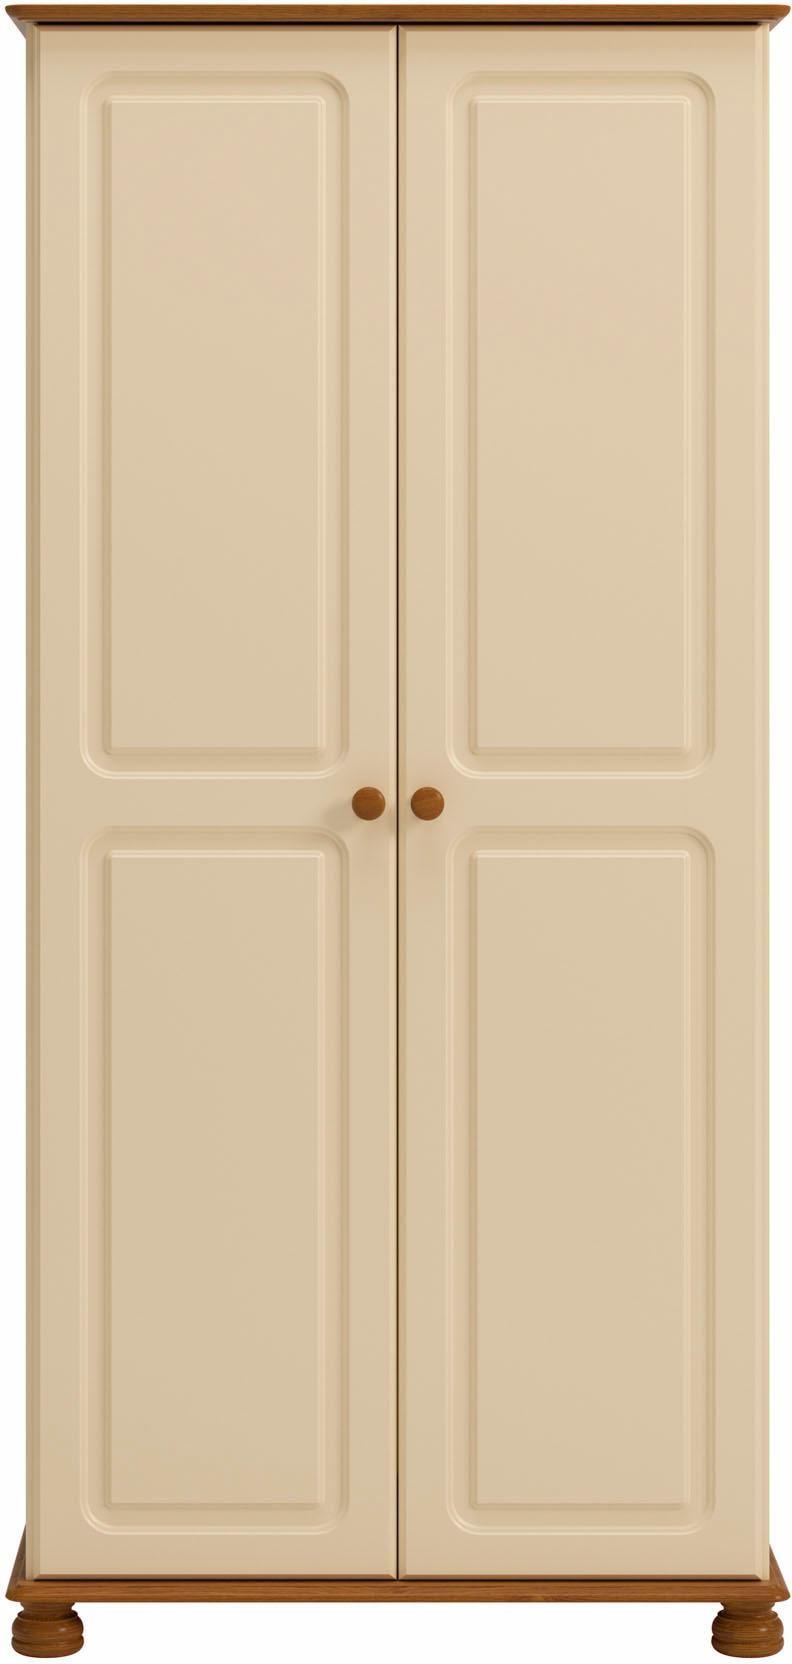 home affaire kleiderschrank richmond 2 trg breite 88 cm. Black Bedroom Furniture Sets. Home Design Ideas